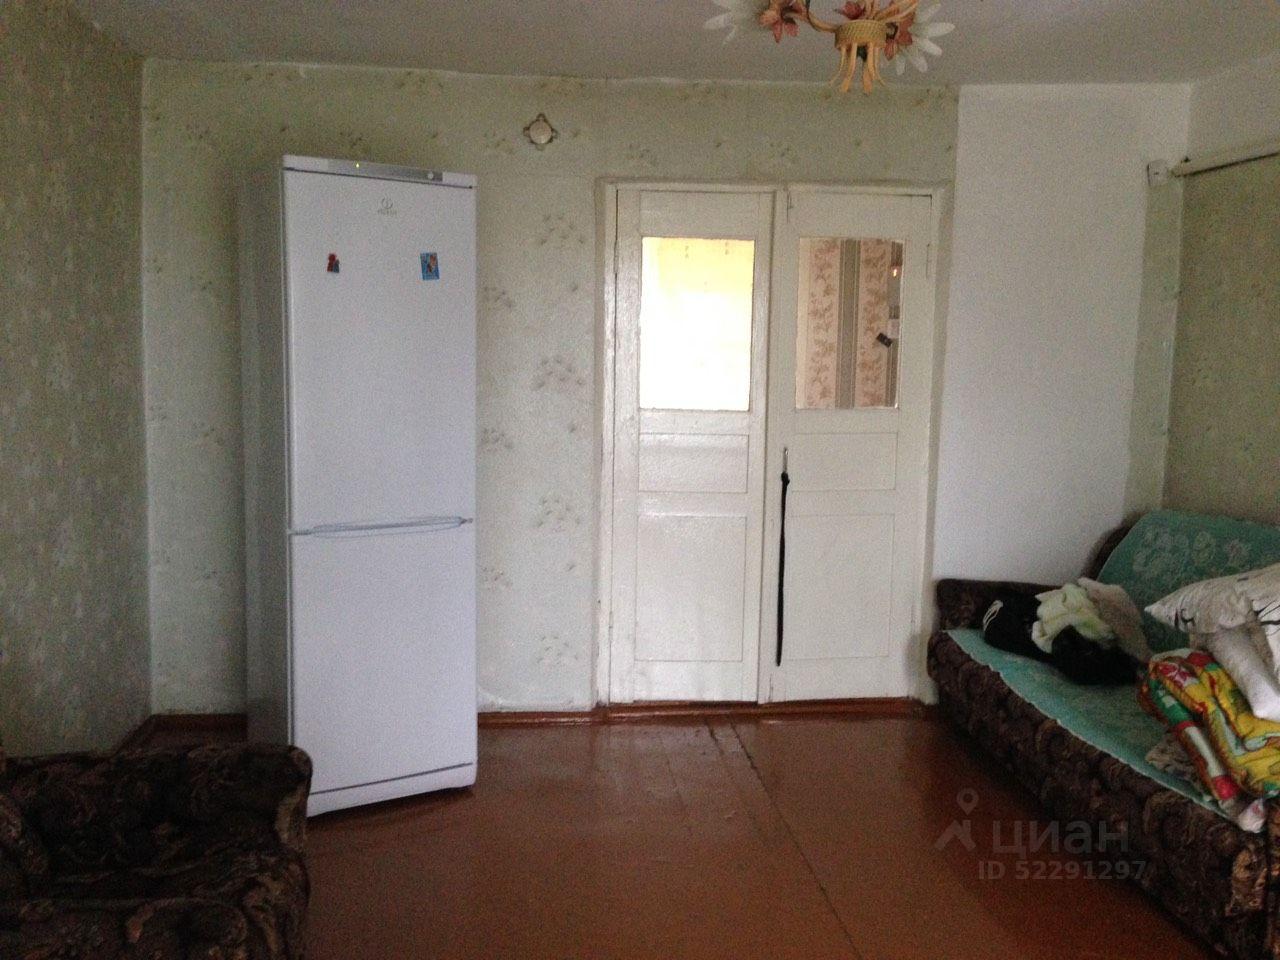 Ремонт комнаты с обоями фото